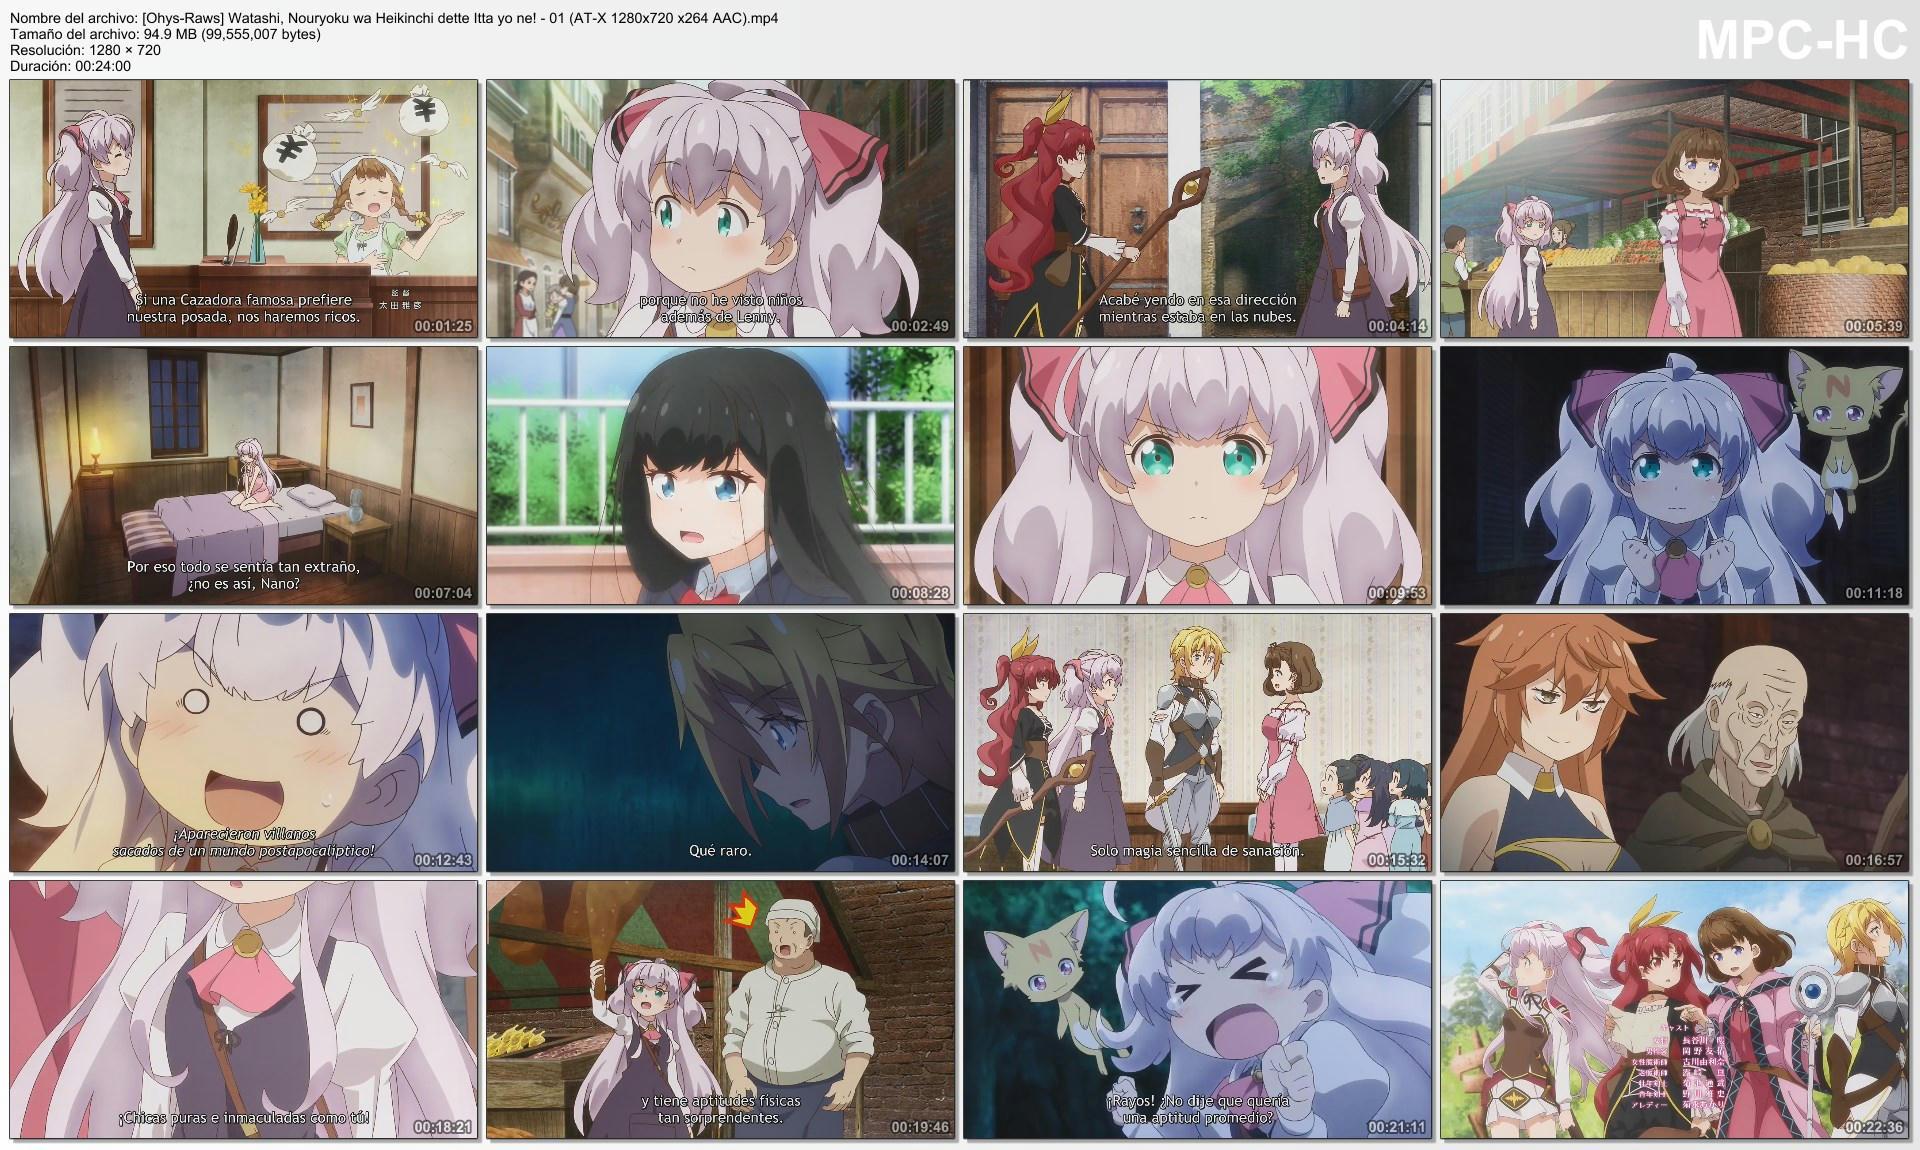 rqj7x2uk2v2etx0zg - Watashi Nouryoku wa Heikinchi dette Itta yo ne [12/12] [Ligero] (Finalizado) - Anime Ligero [Descargas]